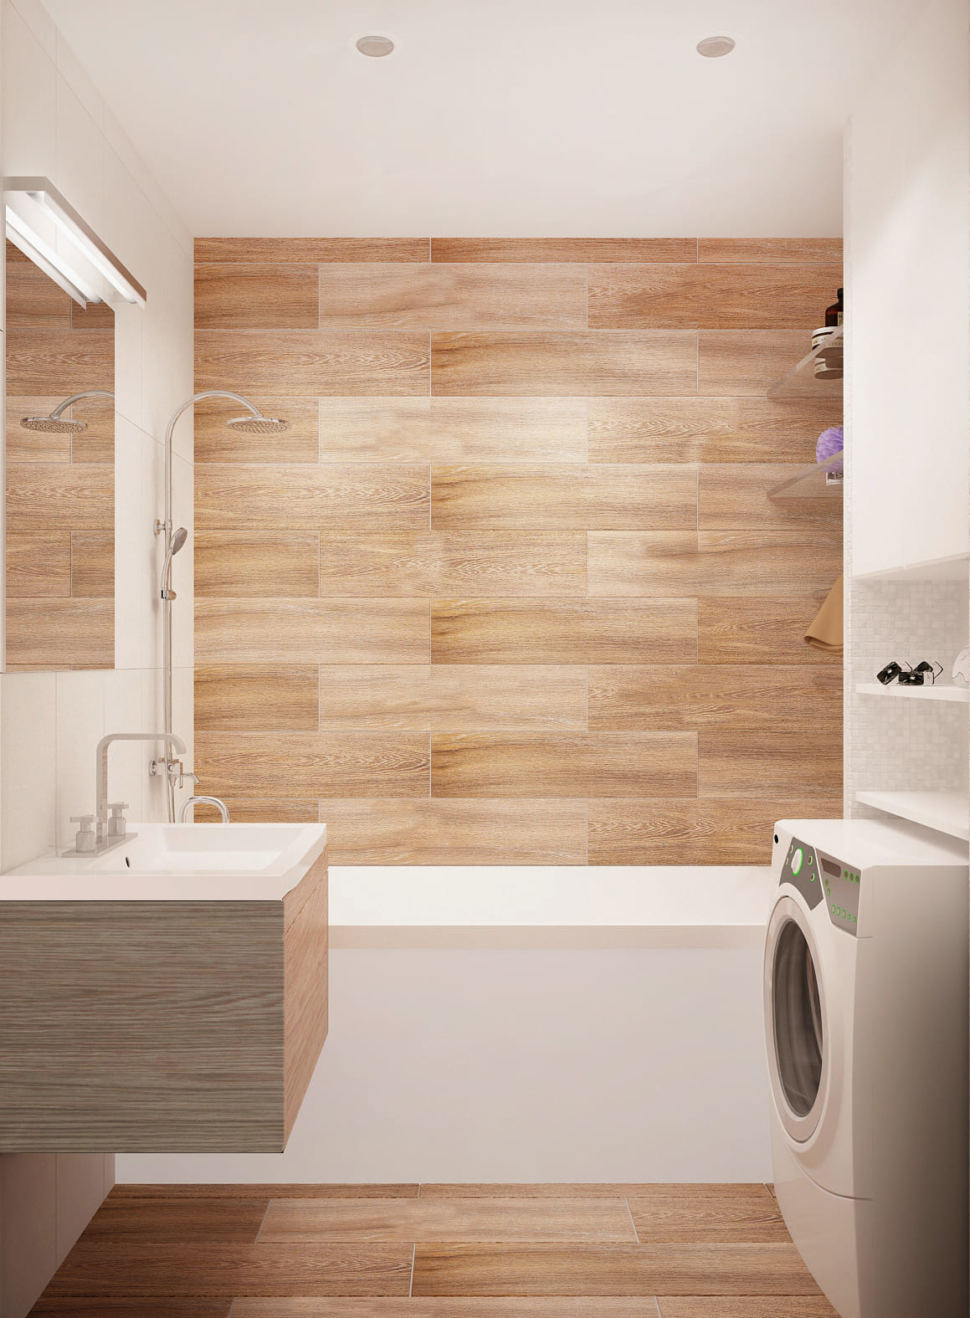 Визуализация ванной комнаты 3 кв.м в древесных и белых оттенках, ванная, стиральная машинка, подвесная тумба, зеркало, потолочные светильники